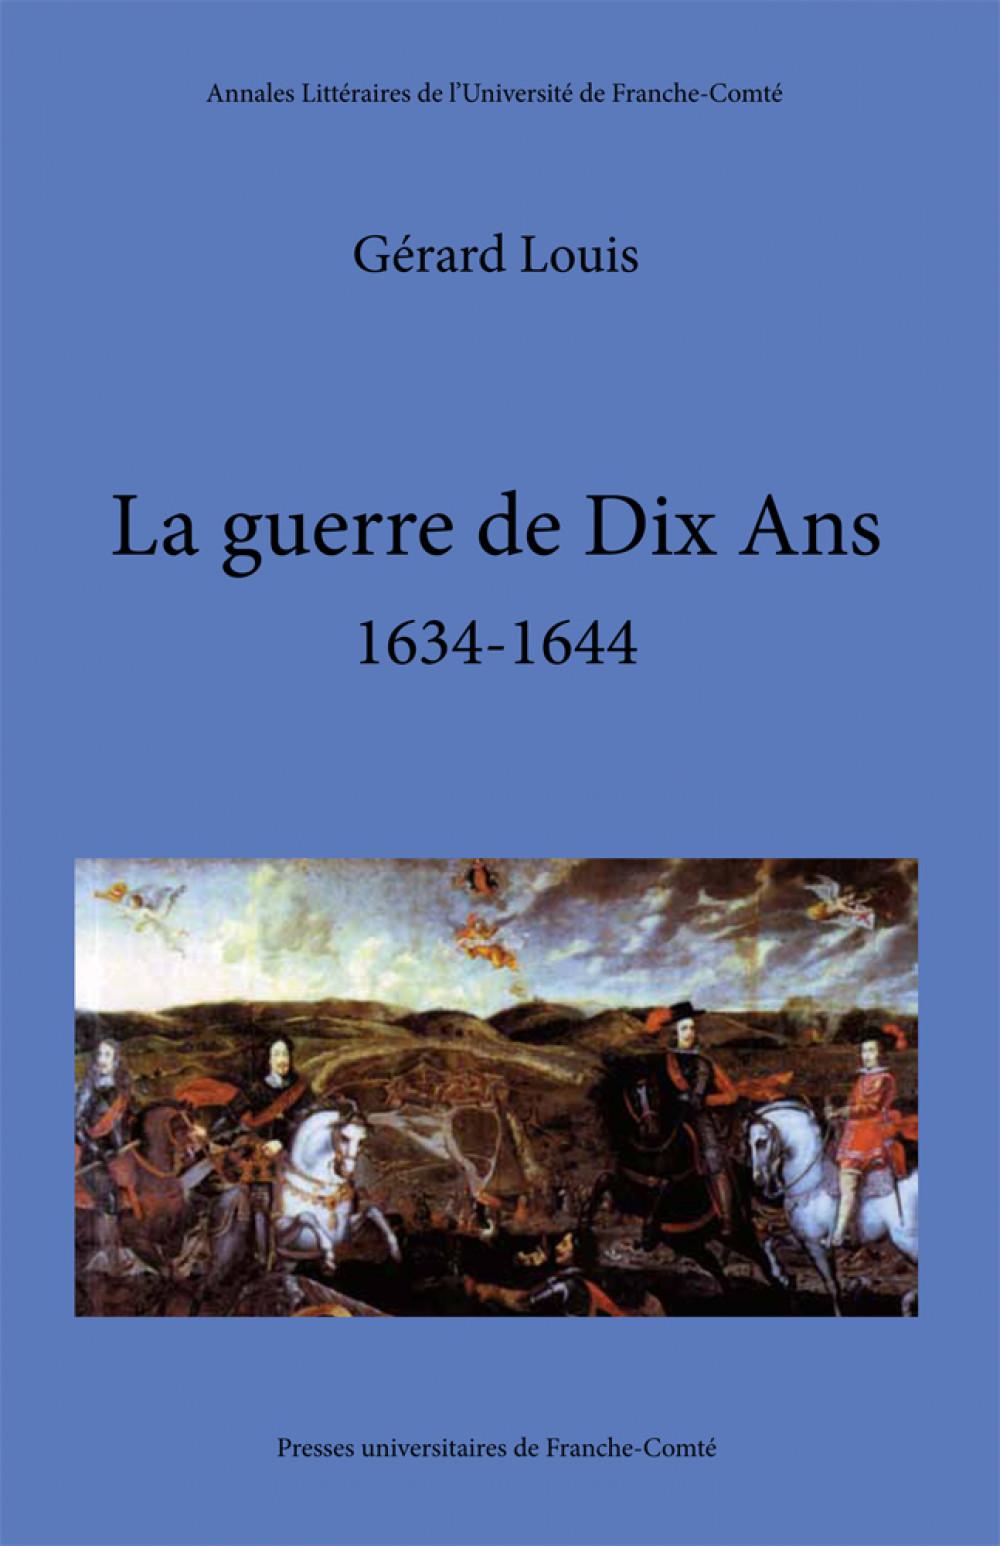 La guerre de Dix ans, (1634-1644)